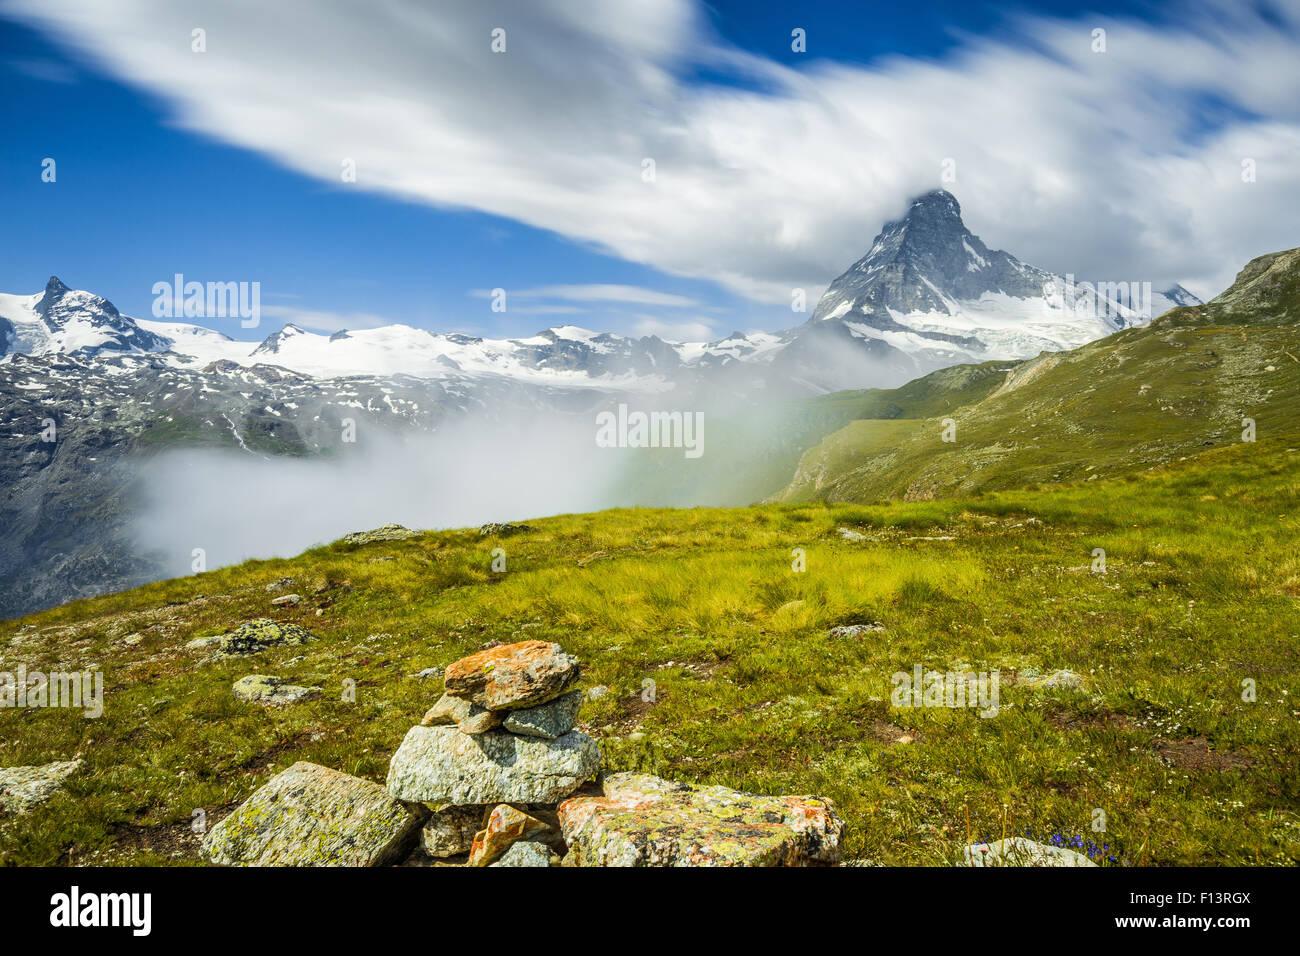 Le Matterhorn (Cervin). Paysage alpin. La Suisse Photo Stock